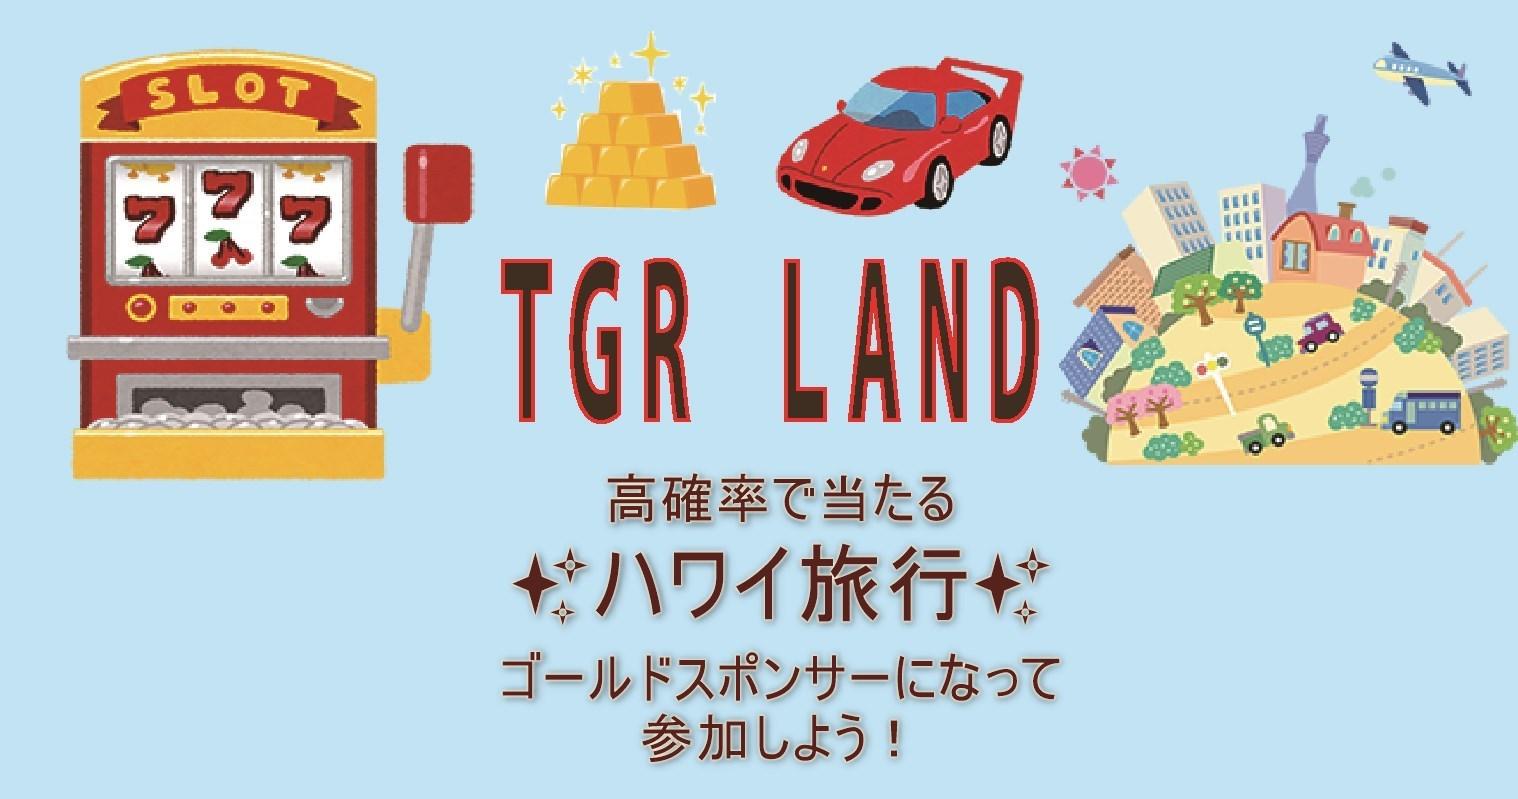 TGR ハワイキャンペーン